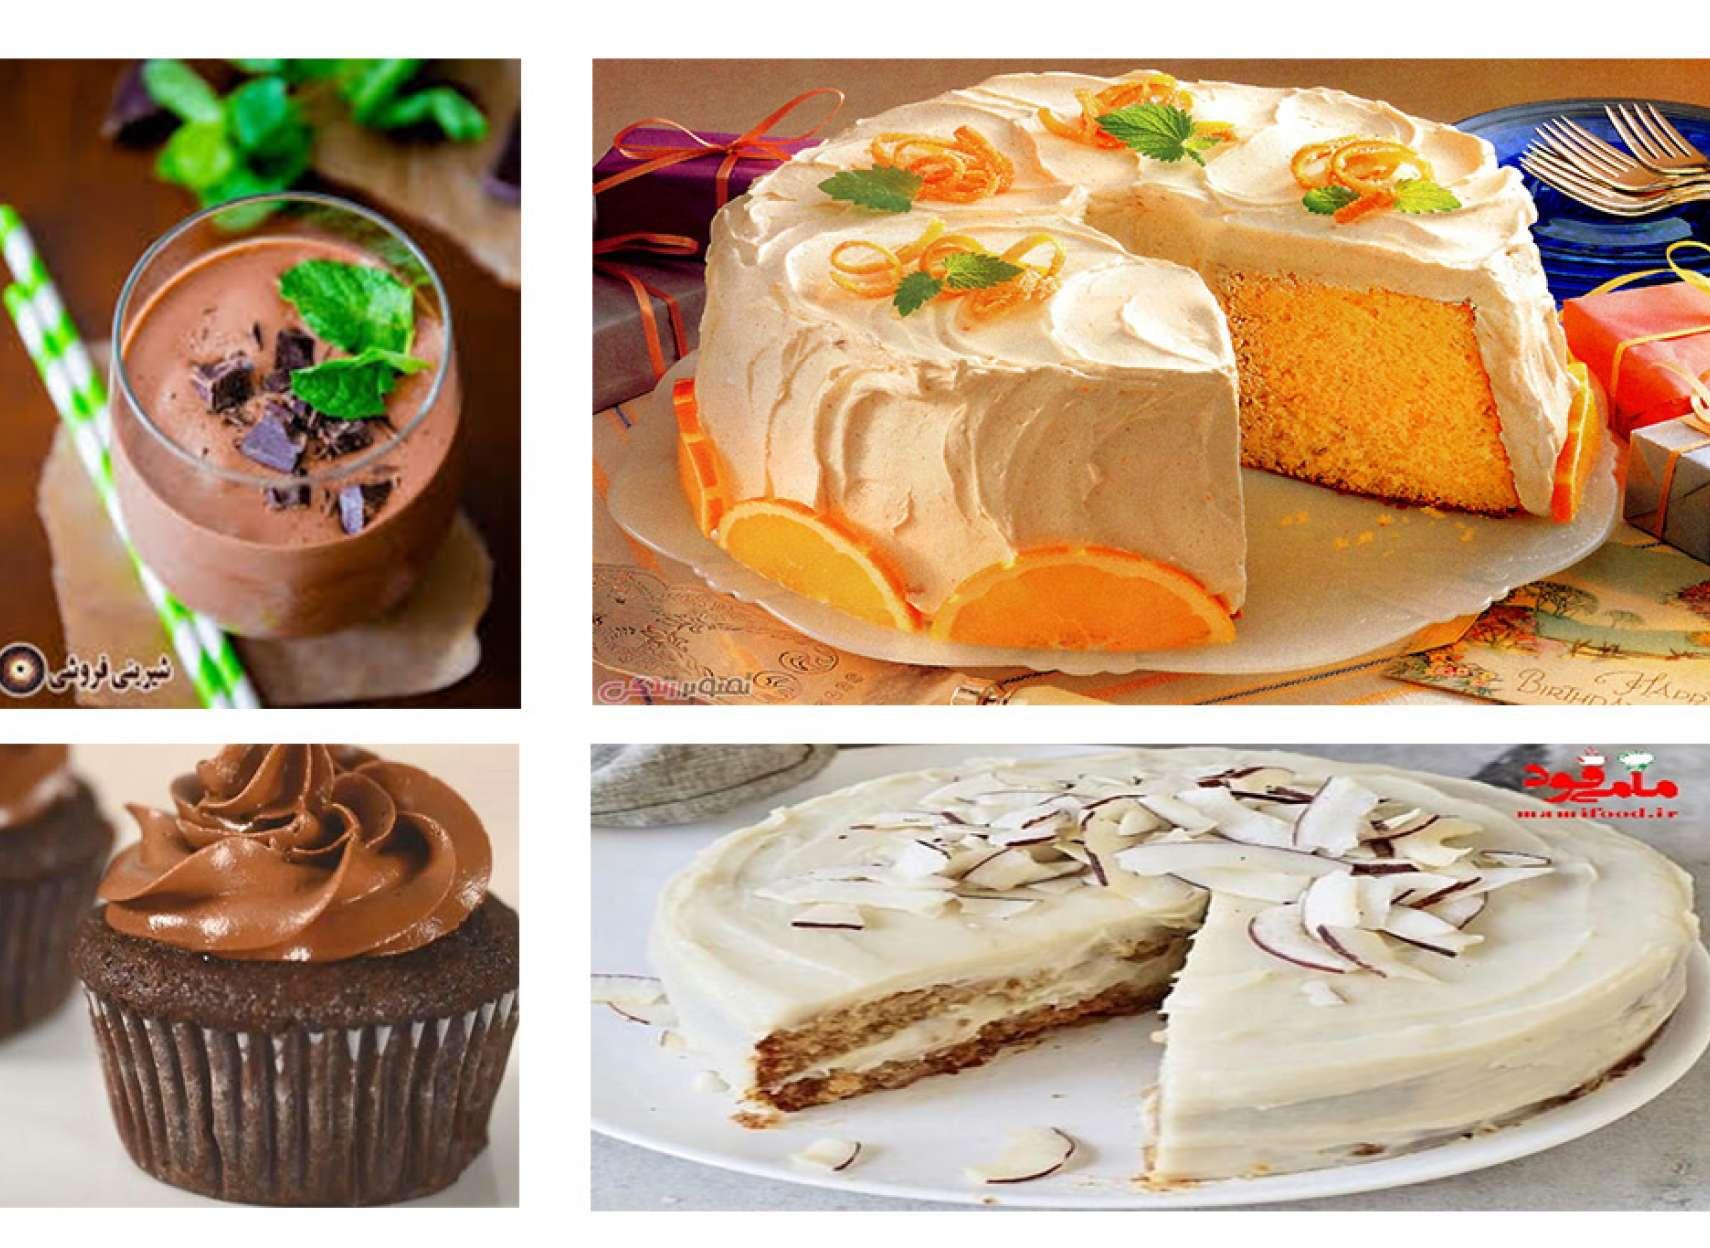 آشپزی-ترابی-کیک-نارگیلی-کاپ-کیک-شکلاتی-کیک-پرتغالی-چیز-کیک-شکلاتی-نعنایی-لیوانی